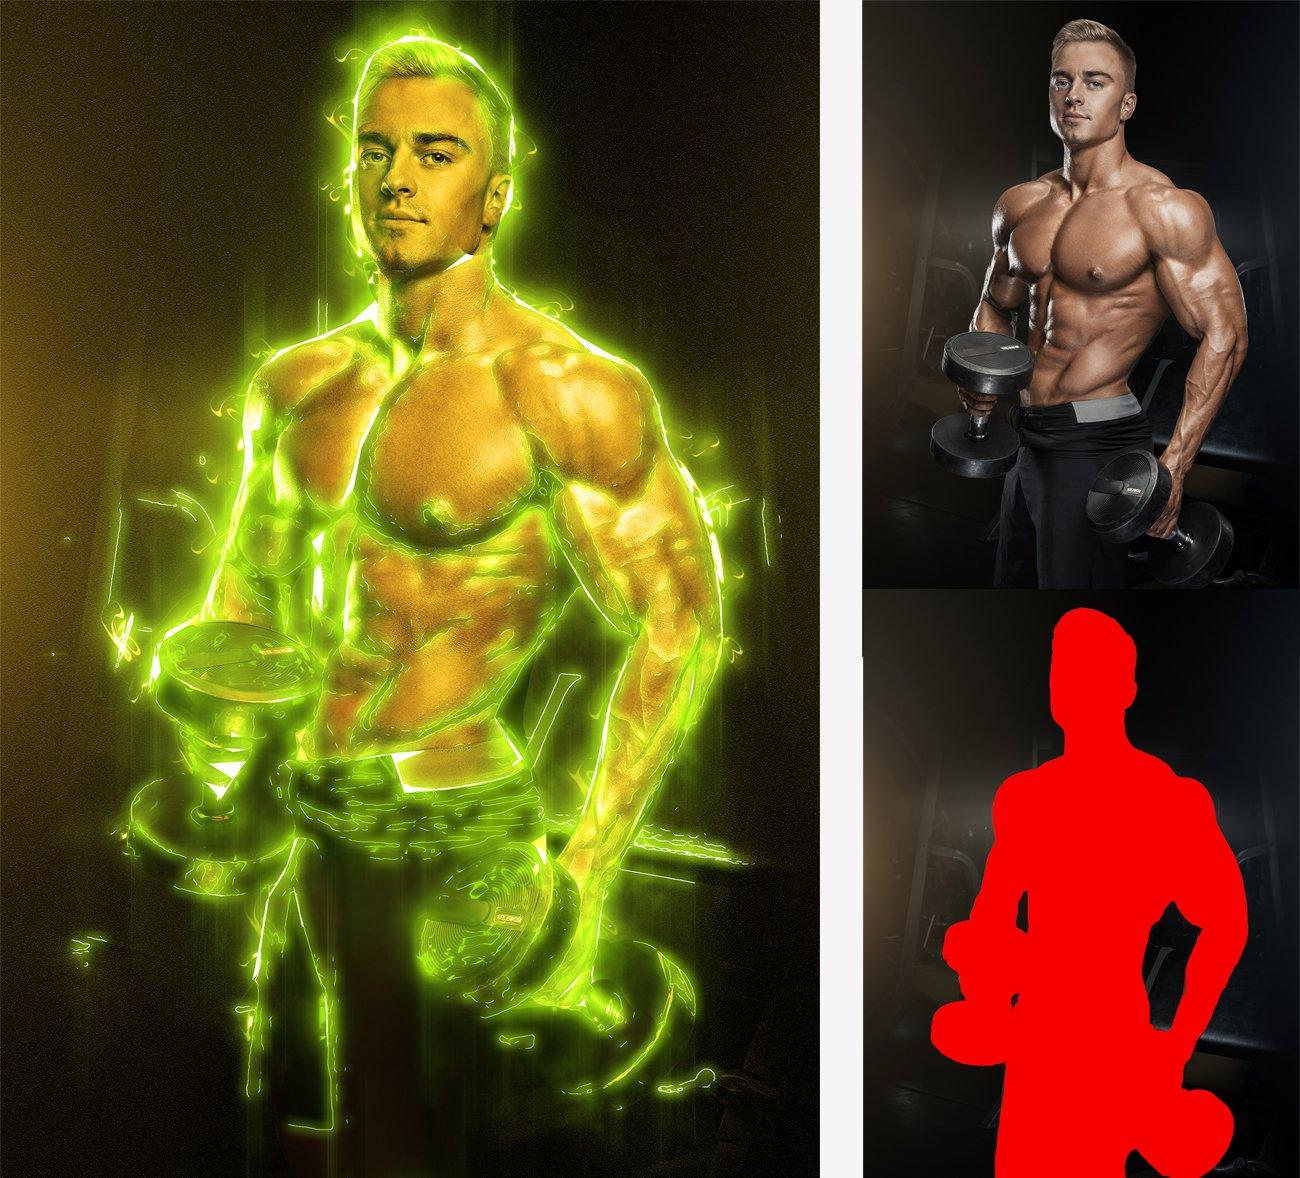 超炫能力发光效果照片处理特效PS动作素材 Light Photoshop Action插图3